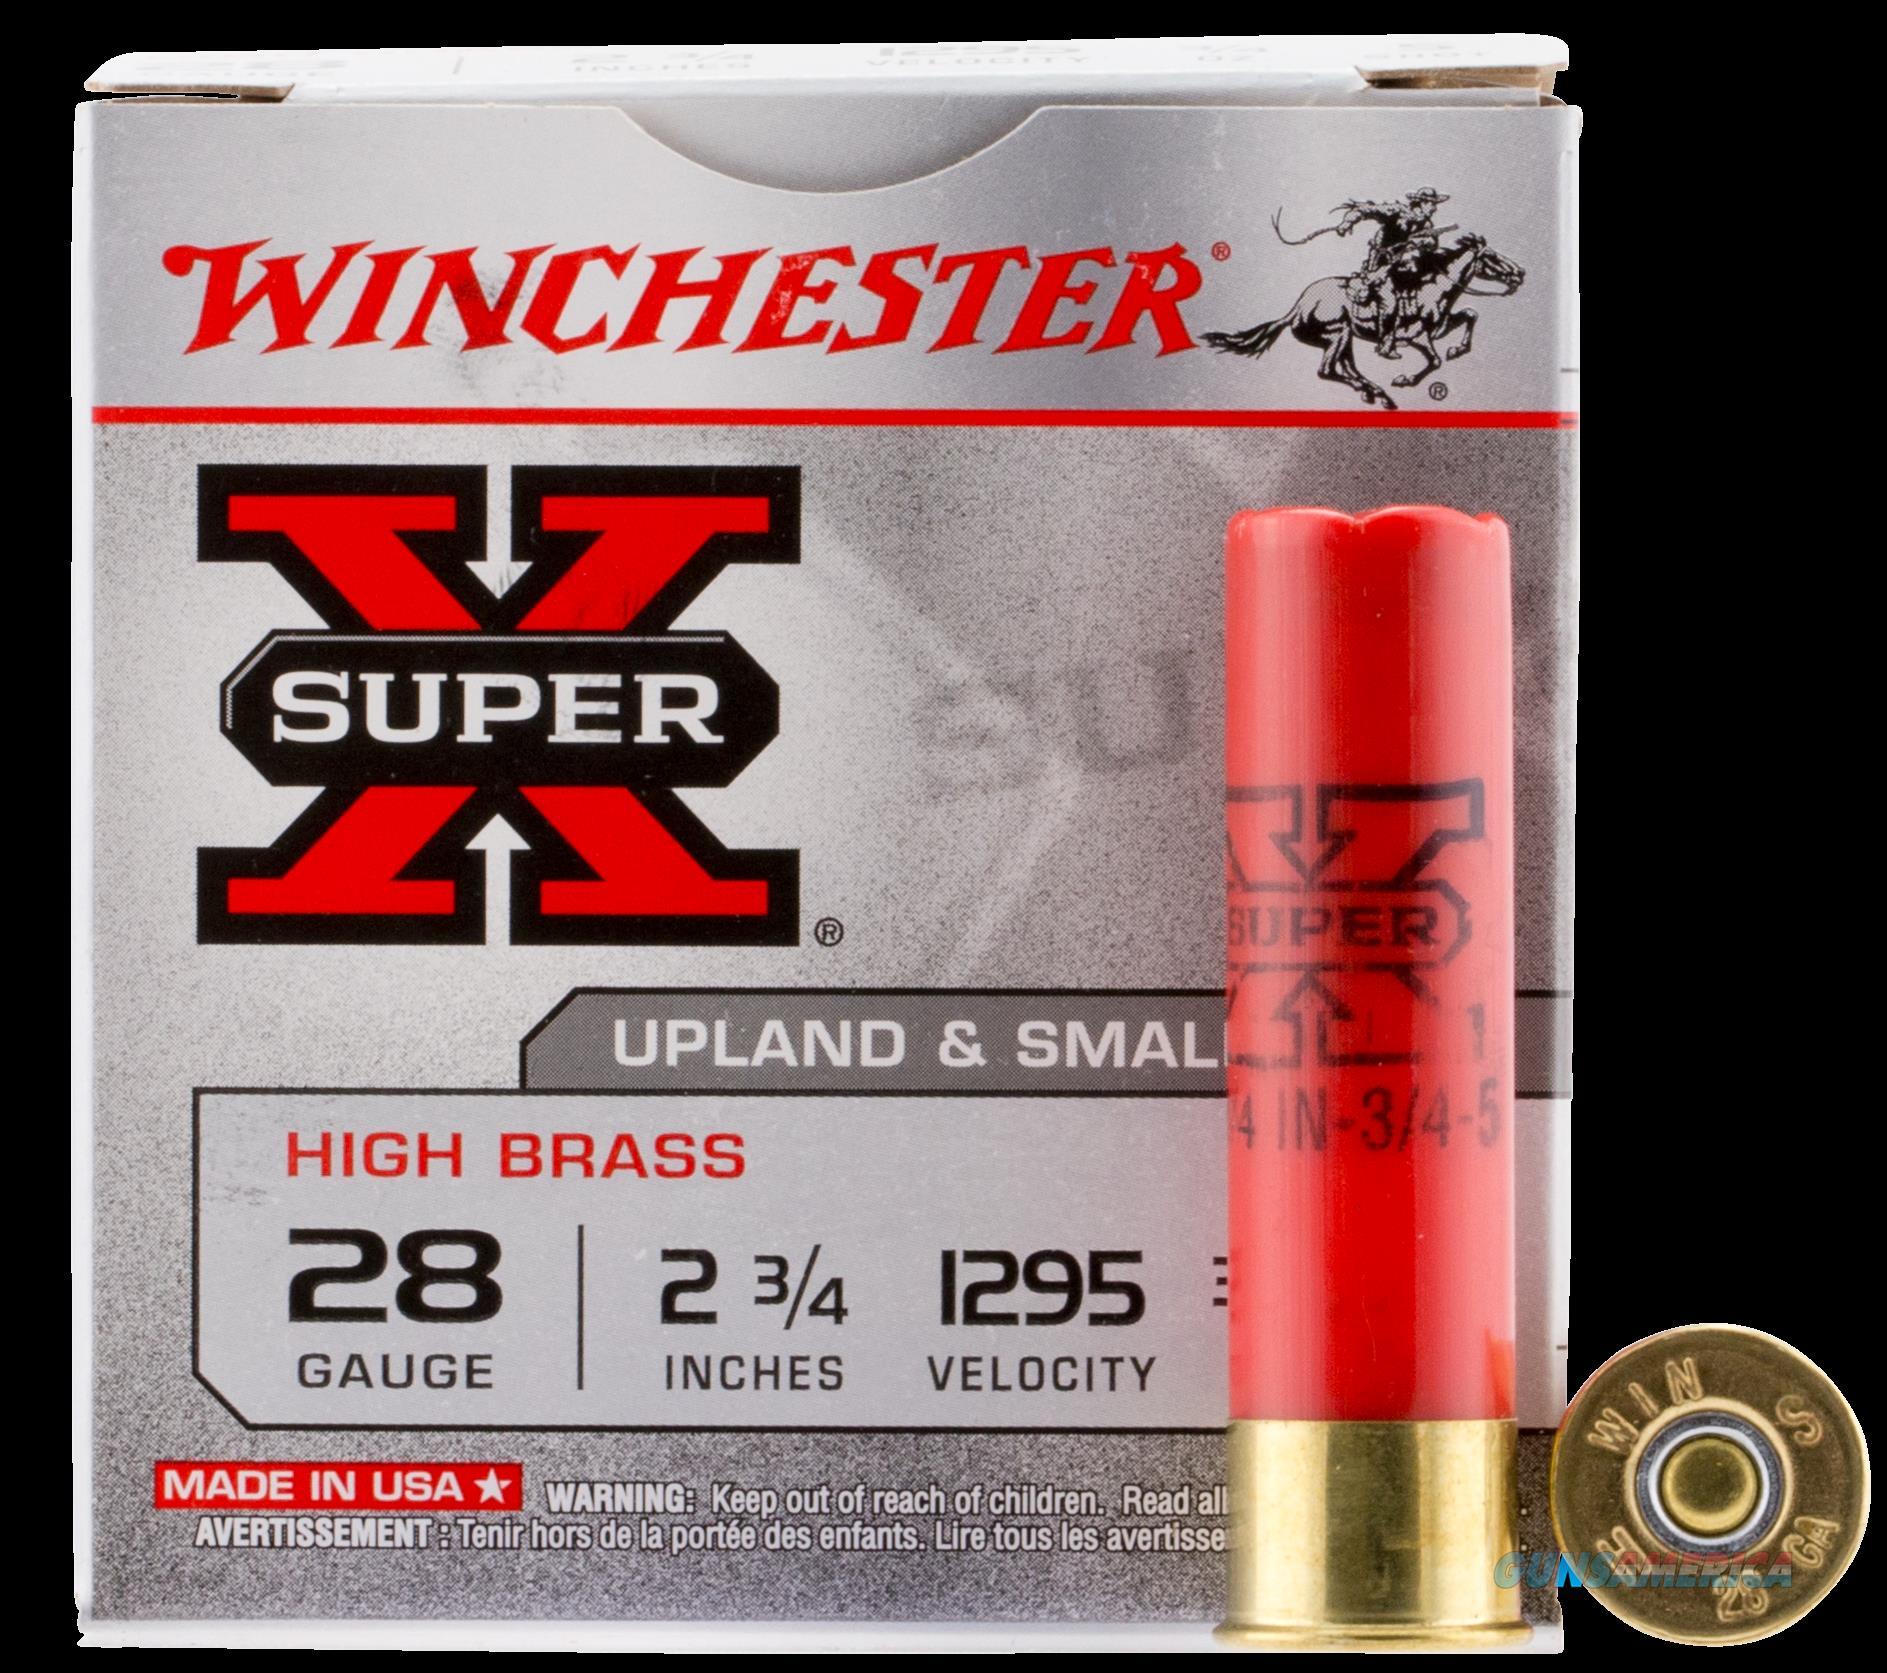 Winchester Ammo Super-x, Win X285      Super-x             25-10  Guns > Pistols > 1911 Pistol Copies (non-Colt)